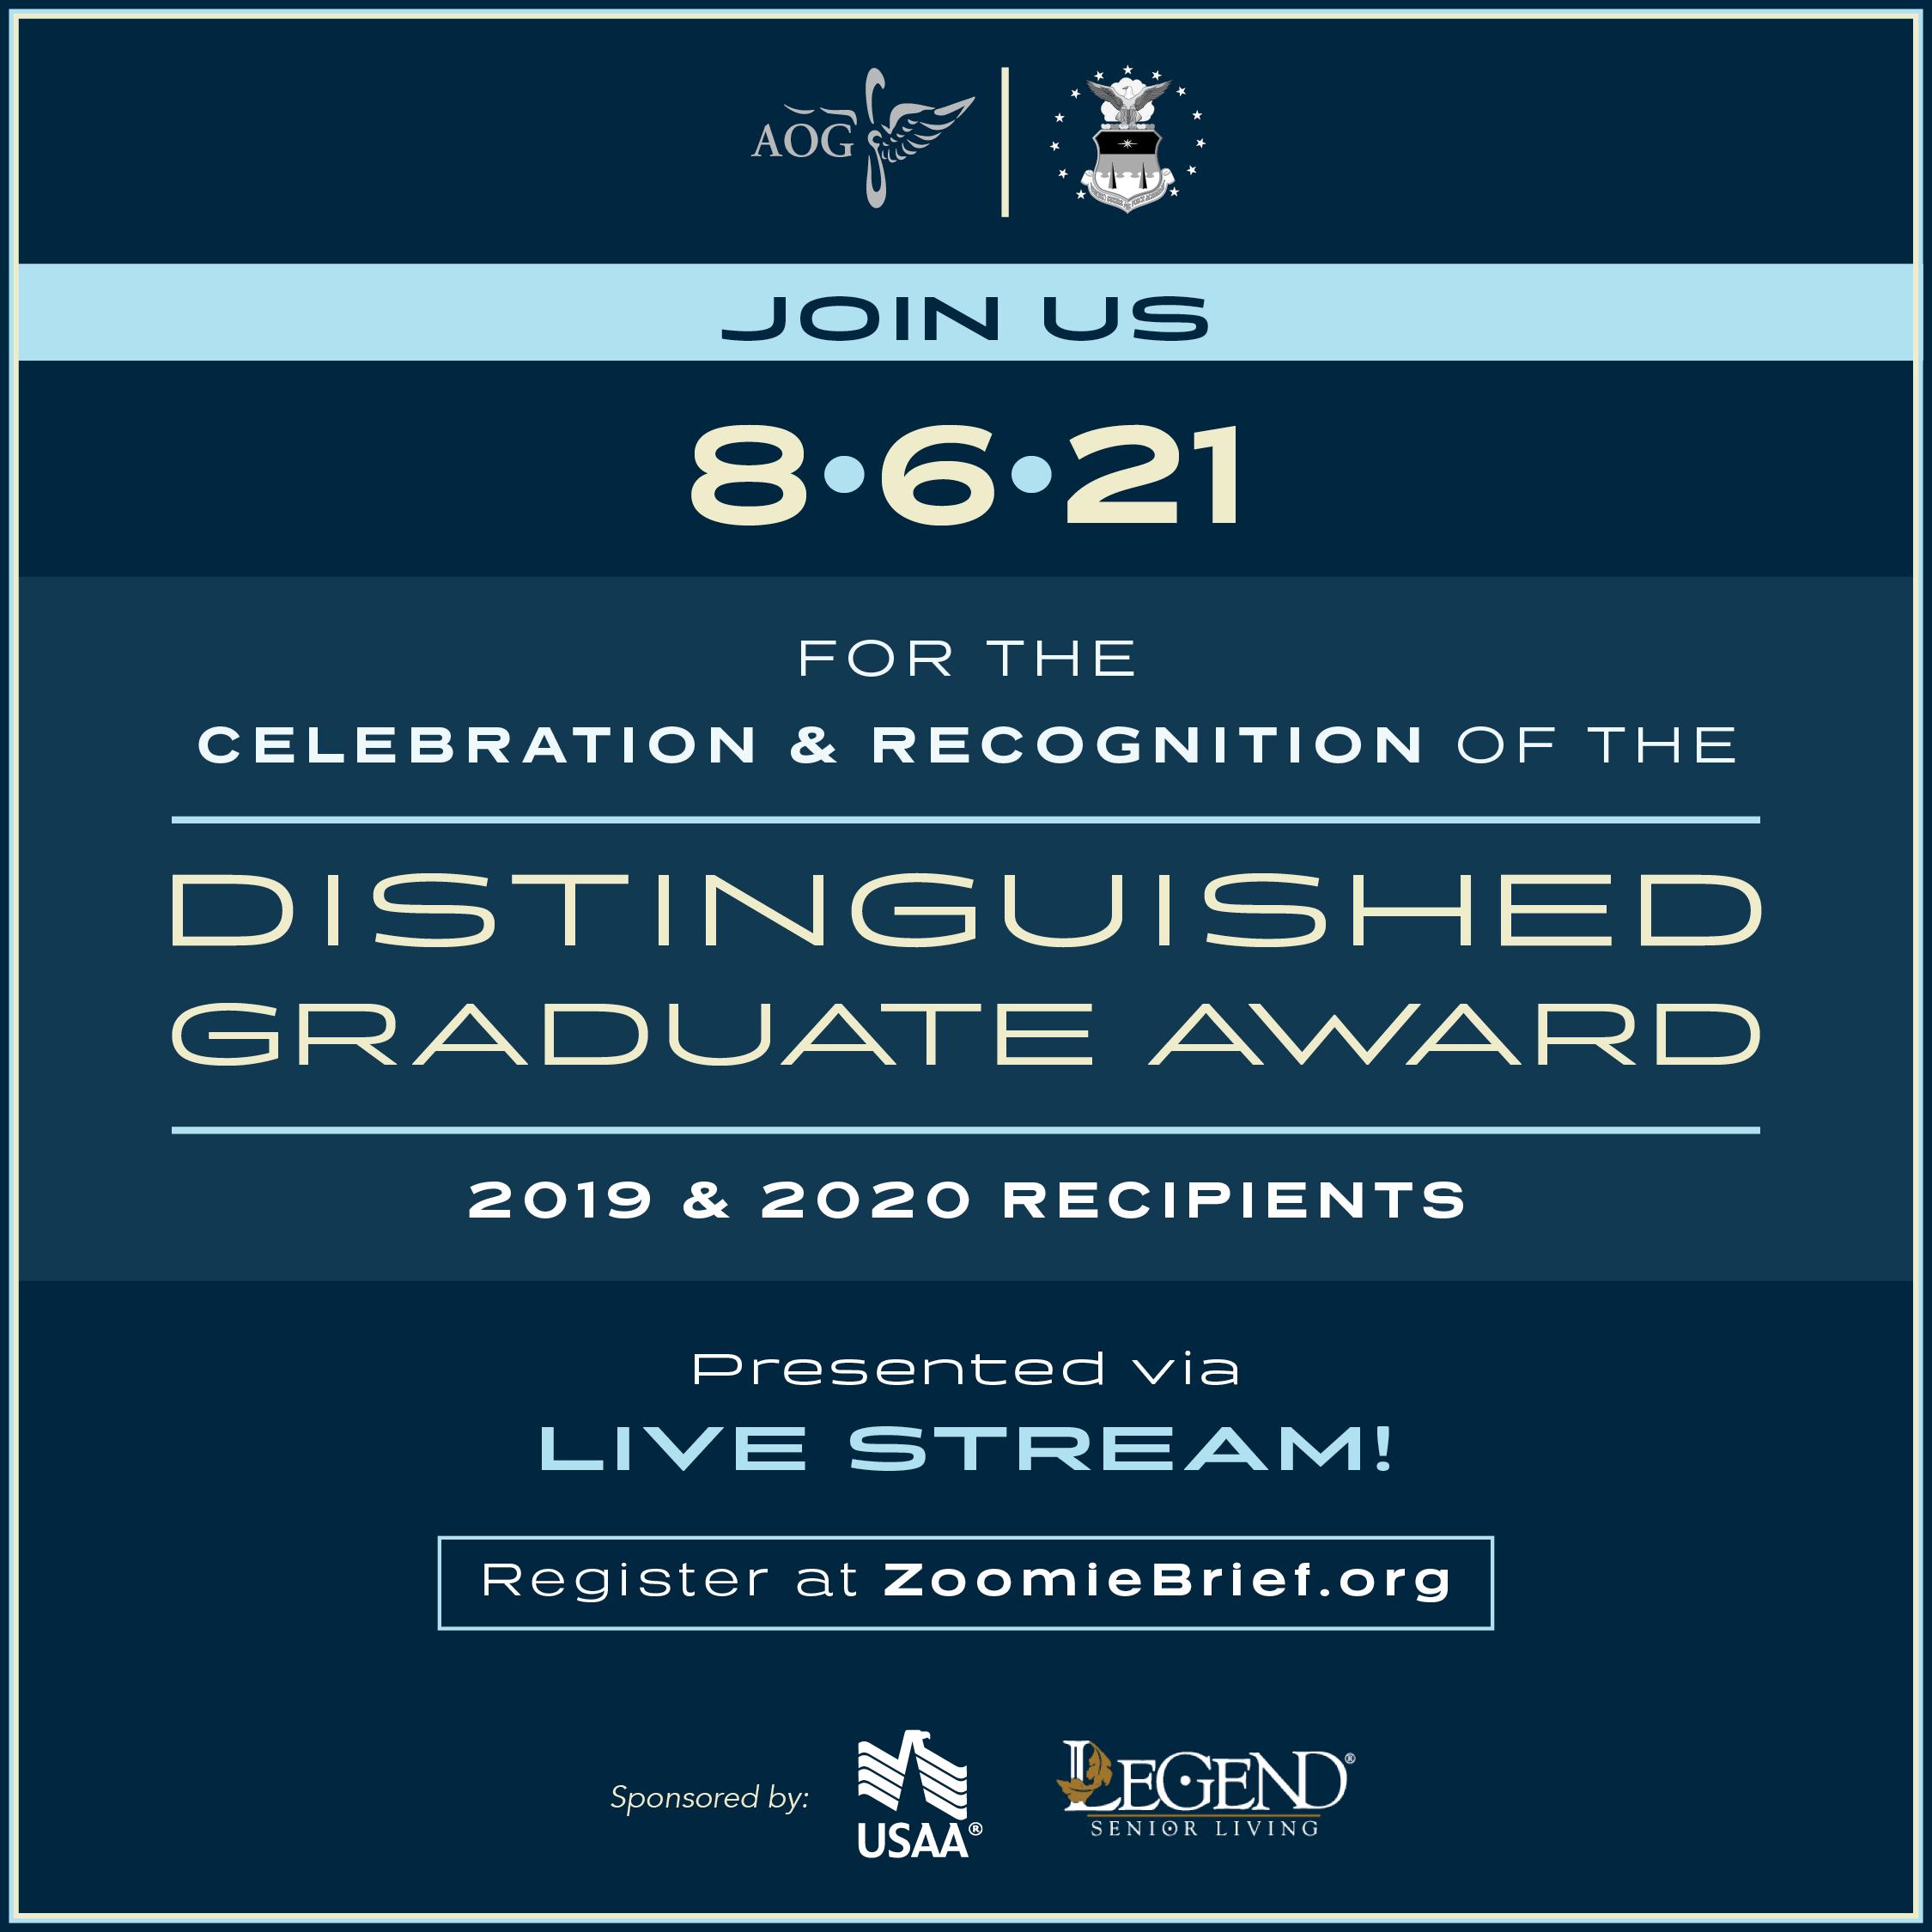 Image for Distinguished Graduate Award Banquet | Live Stream webinar